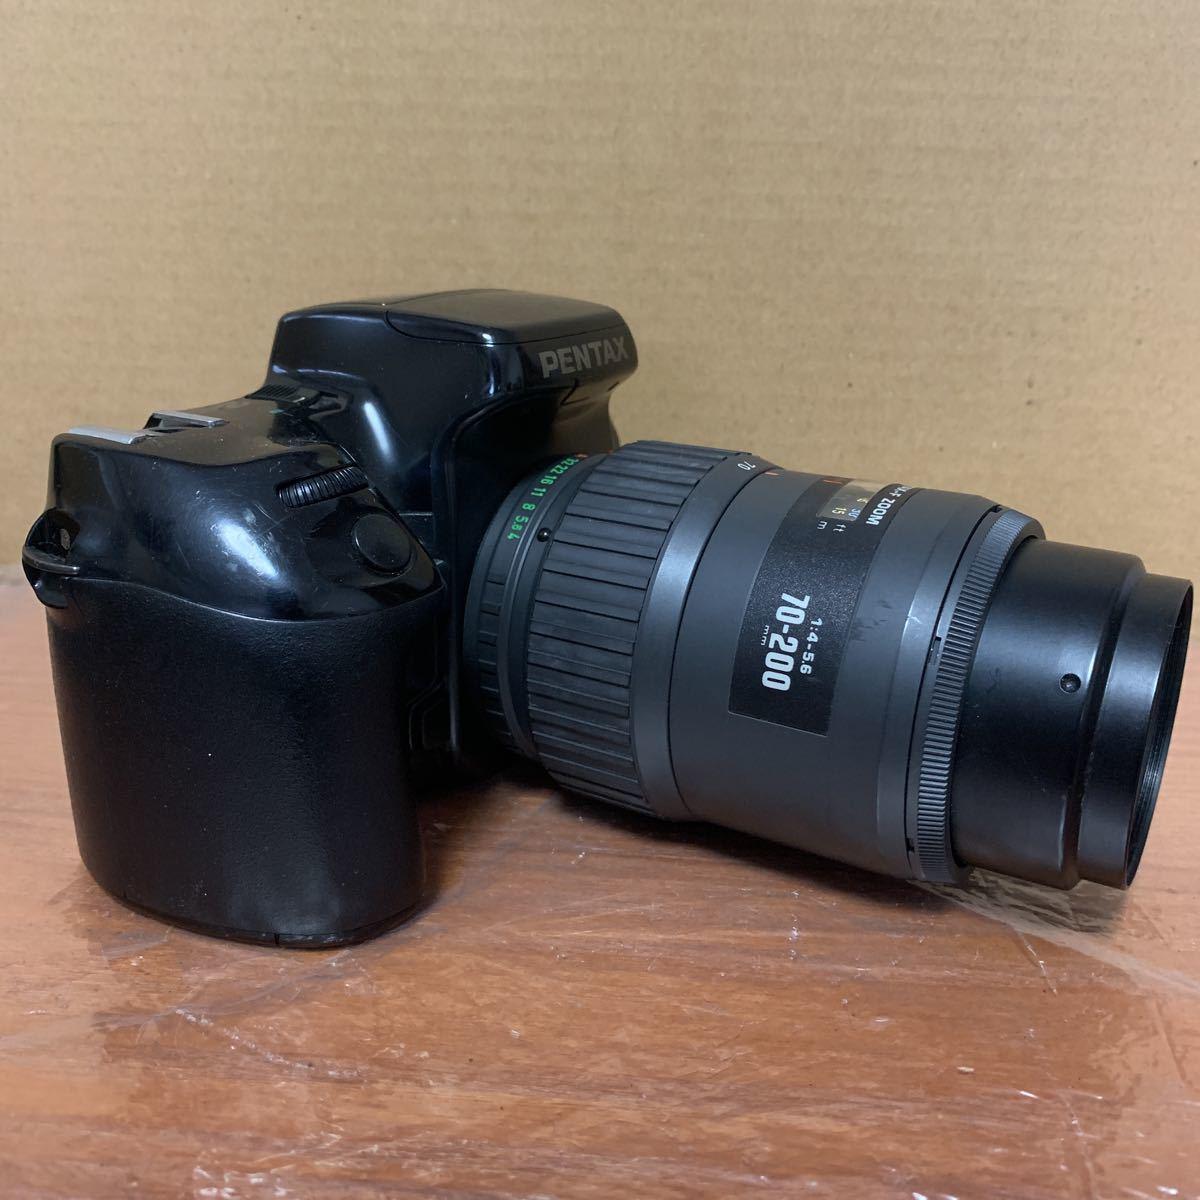 PENTAX Z - 1 ペンタックス 一眼レフカメラ フィルムカメラ 未確認 973_画像2